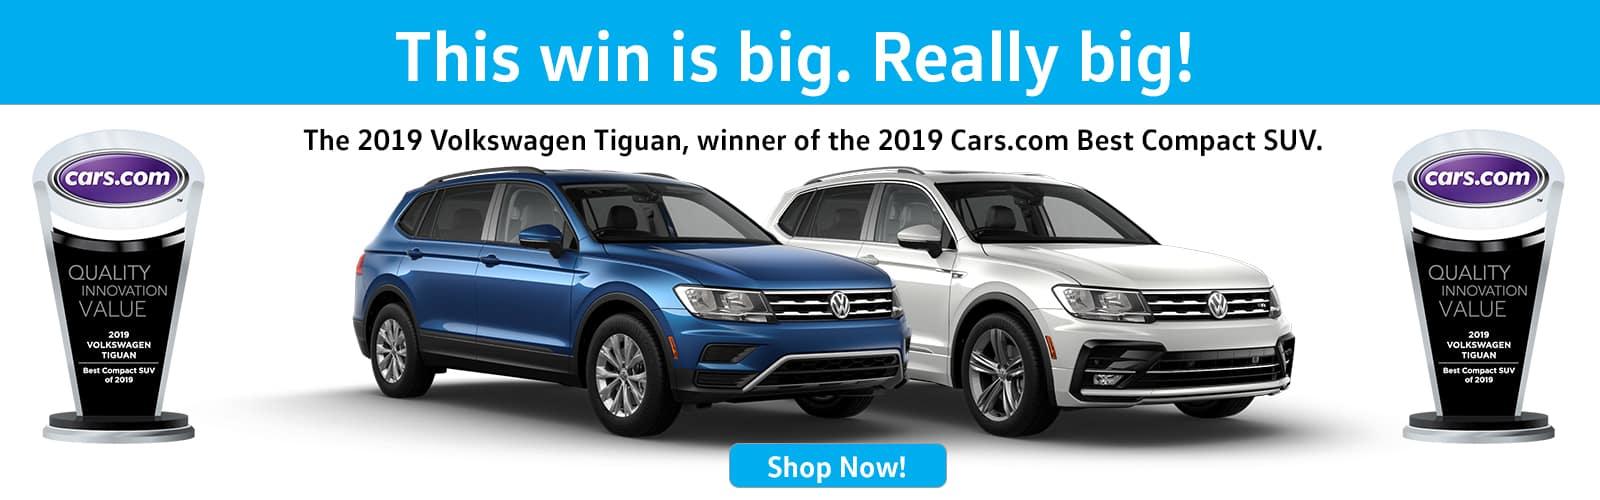 Baxter Volkswagen Omaha | VW Sales & Service in Omaha, NE